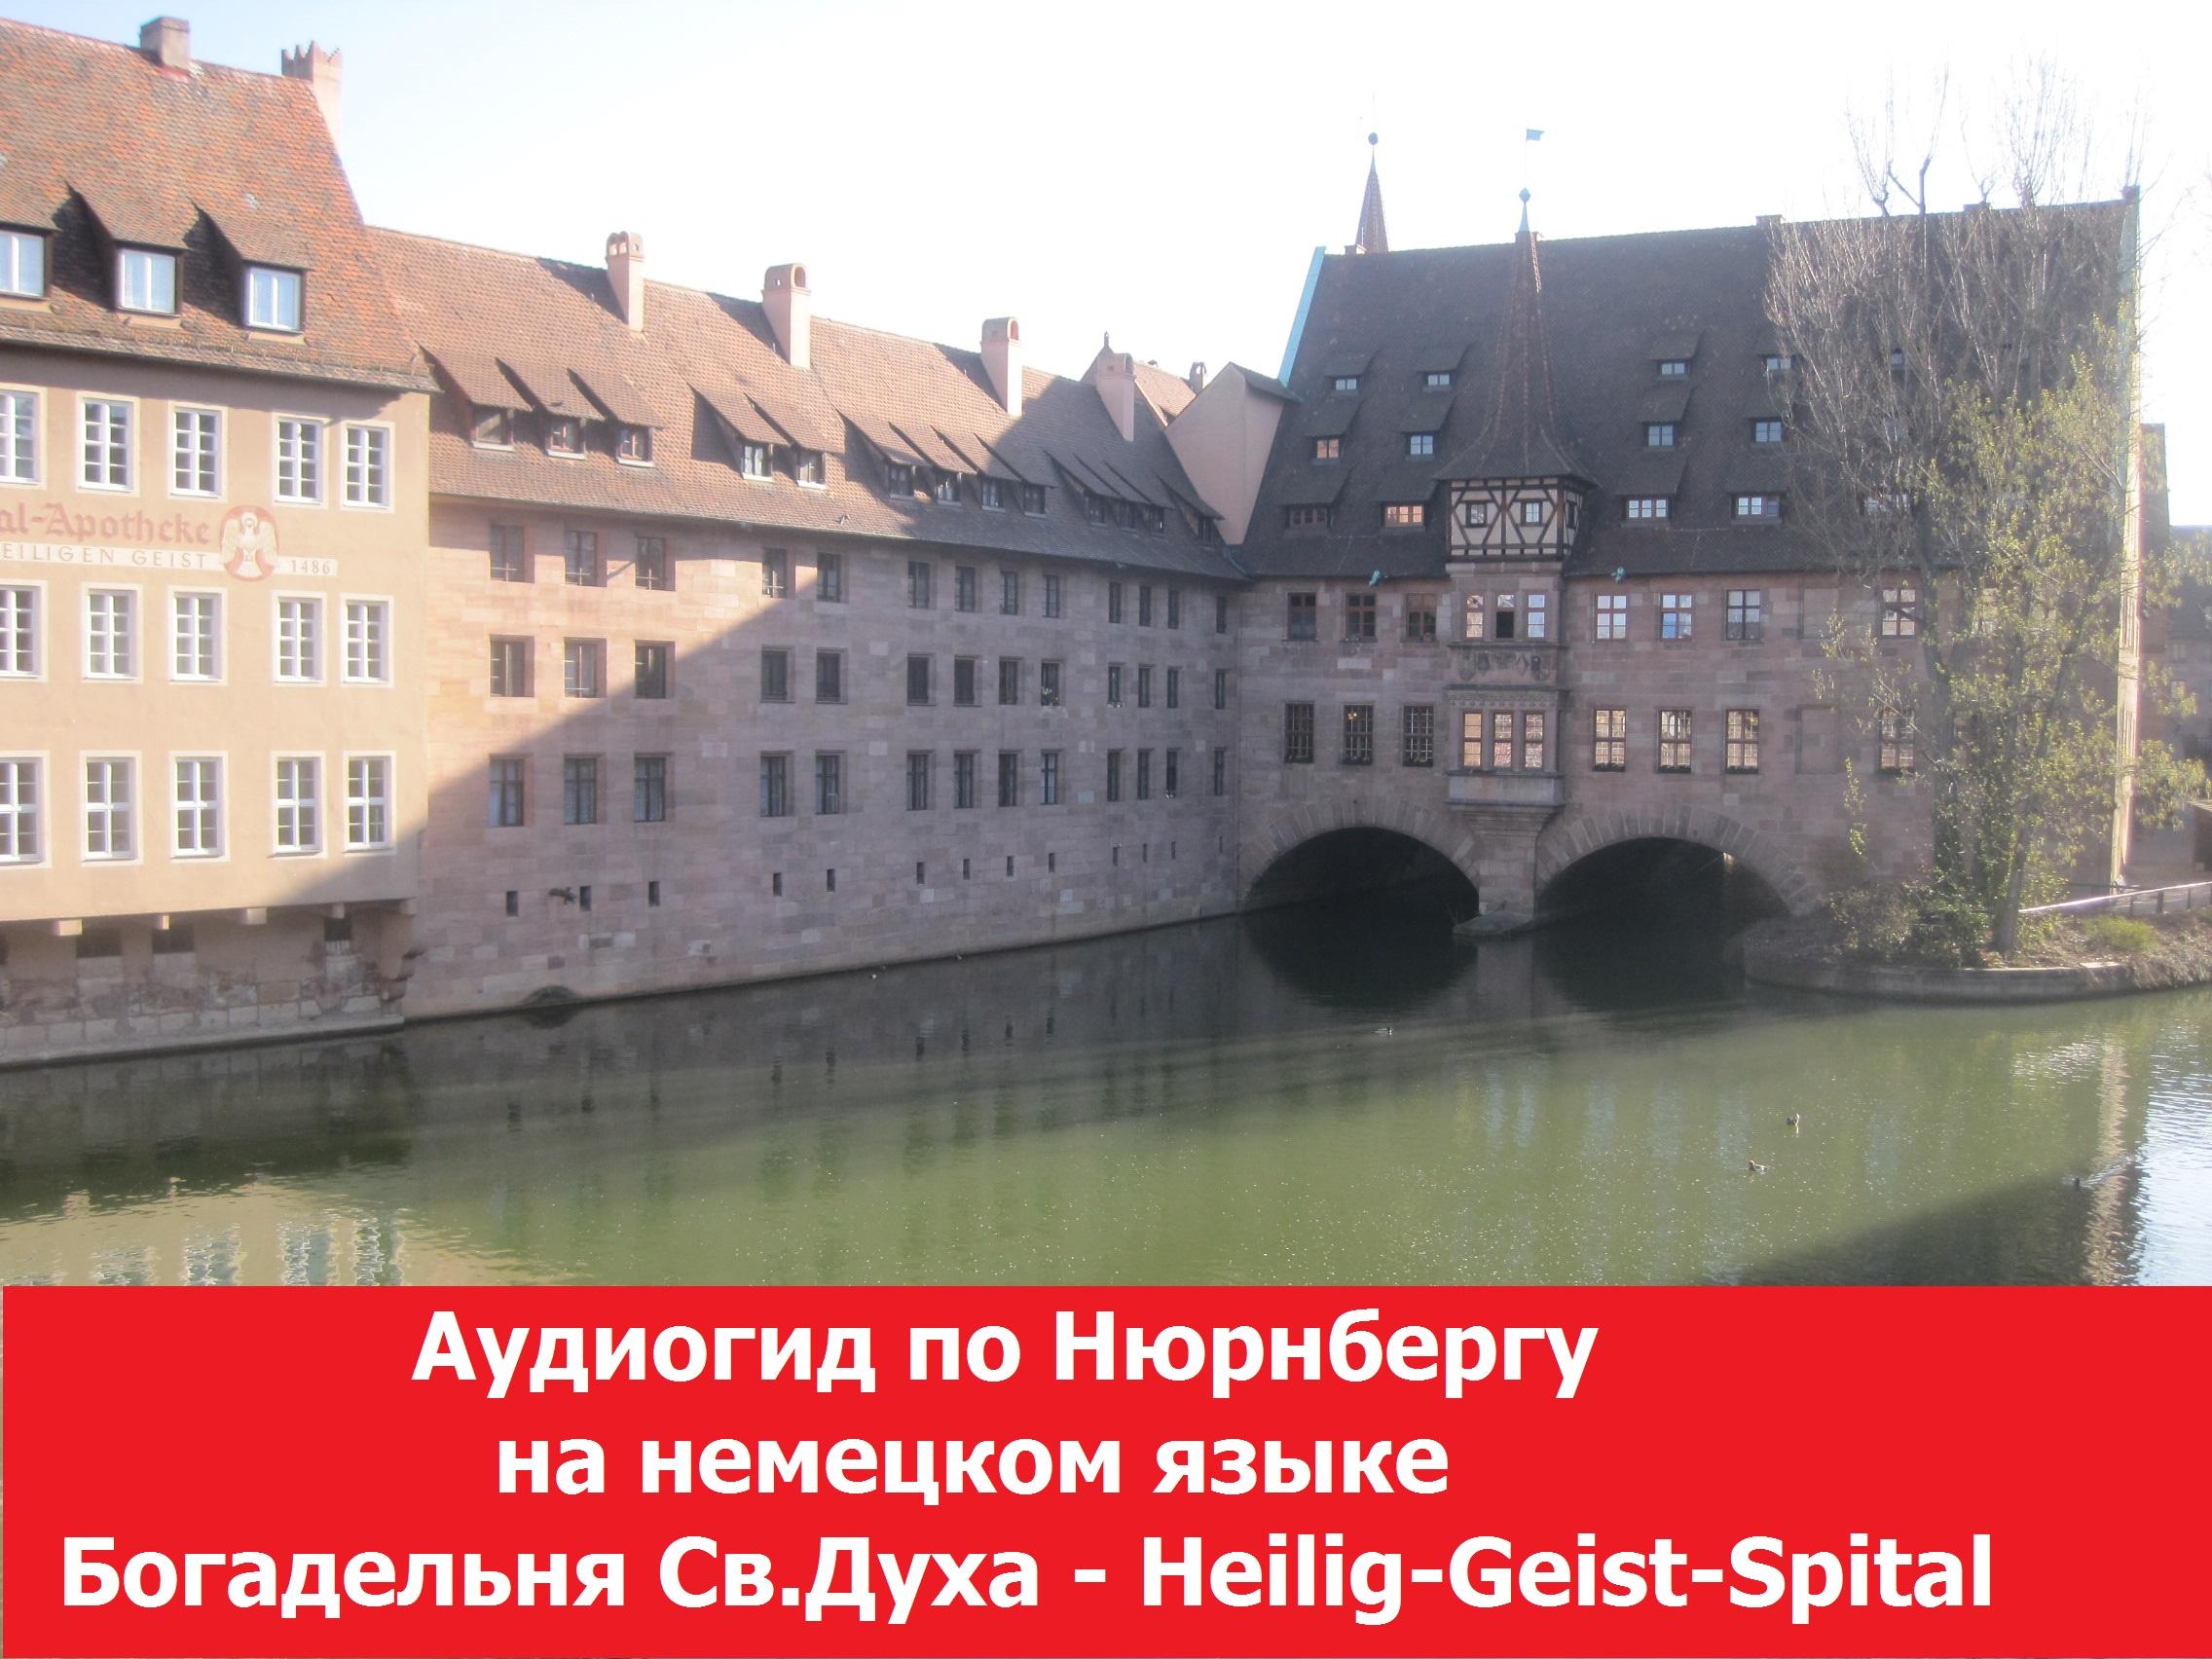 Аудиогид по Нюрнбергу. На немецком языке. Богадельня Святого Духа - Heilig-Geist-Spital